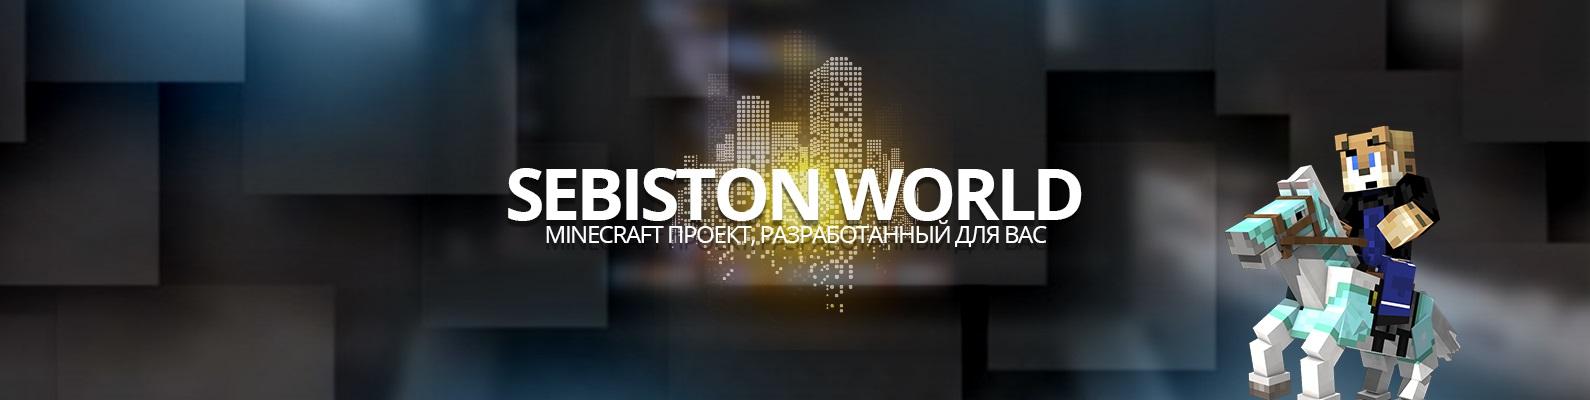 Баннер сервера Minecraft SebistonWorld